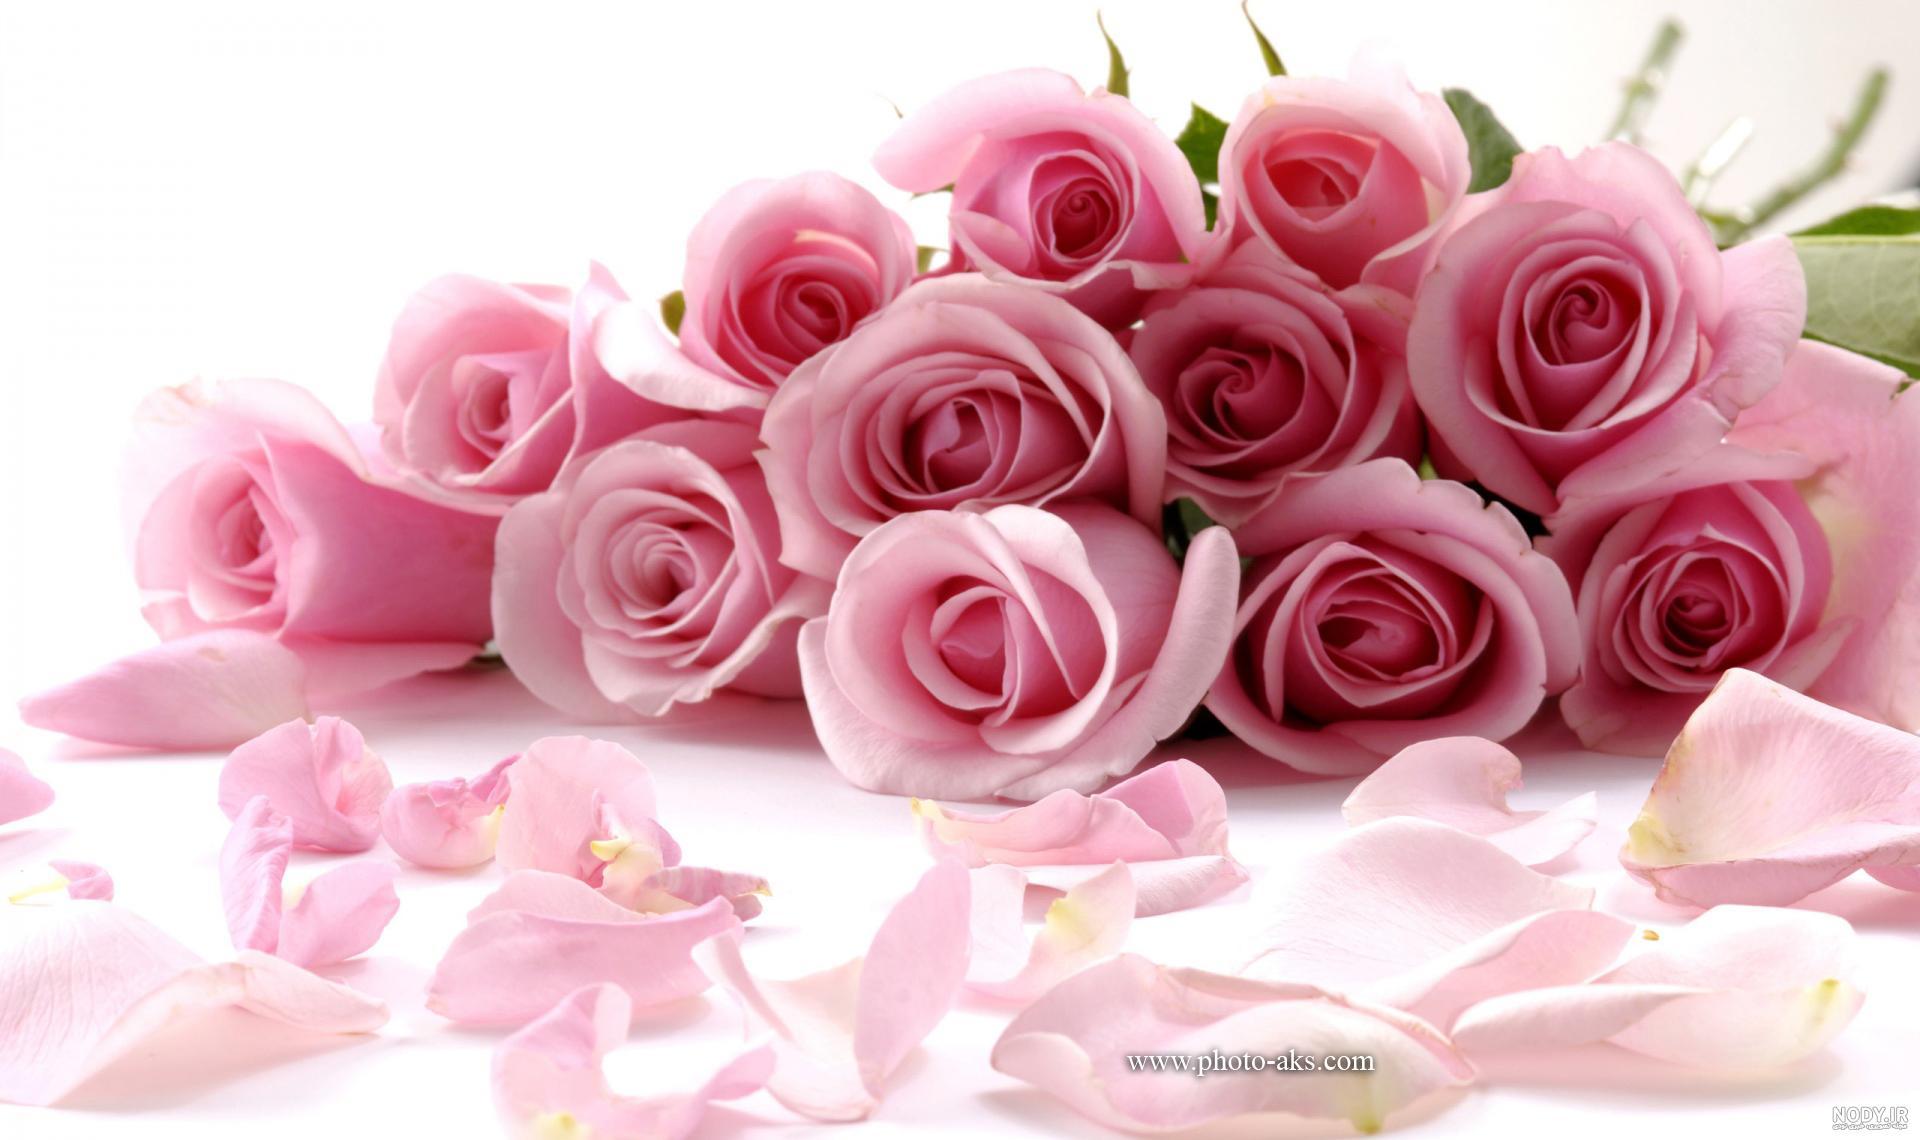 عکس گل رز صورتی زیبا